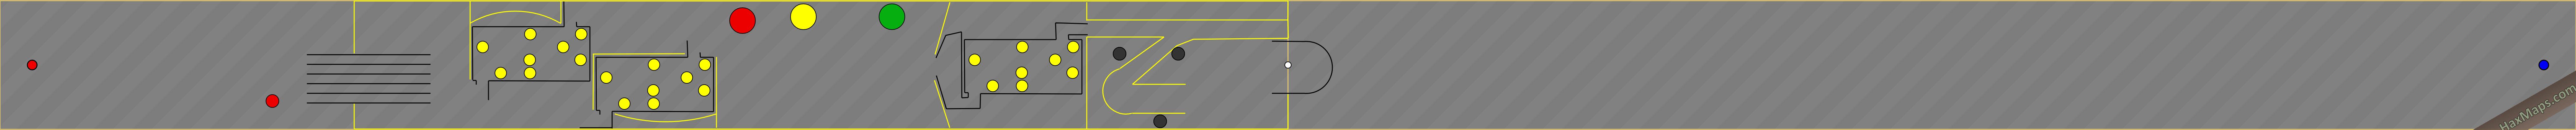 hax ball maps | Yellow Selco v1